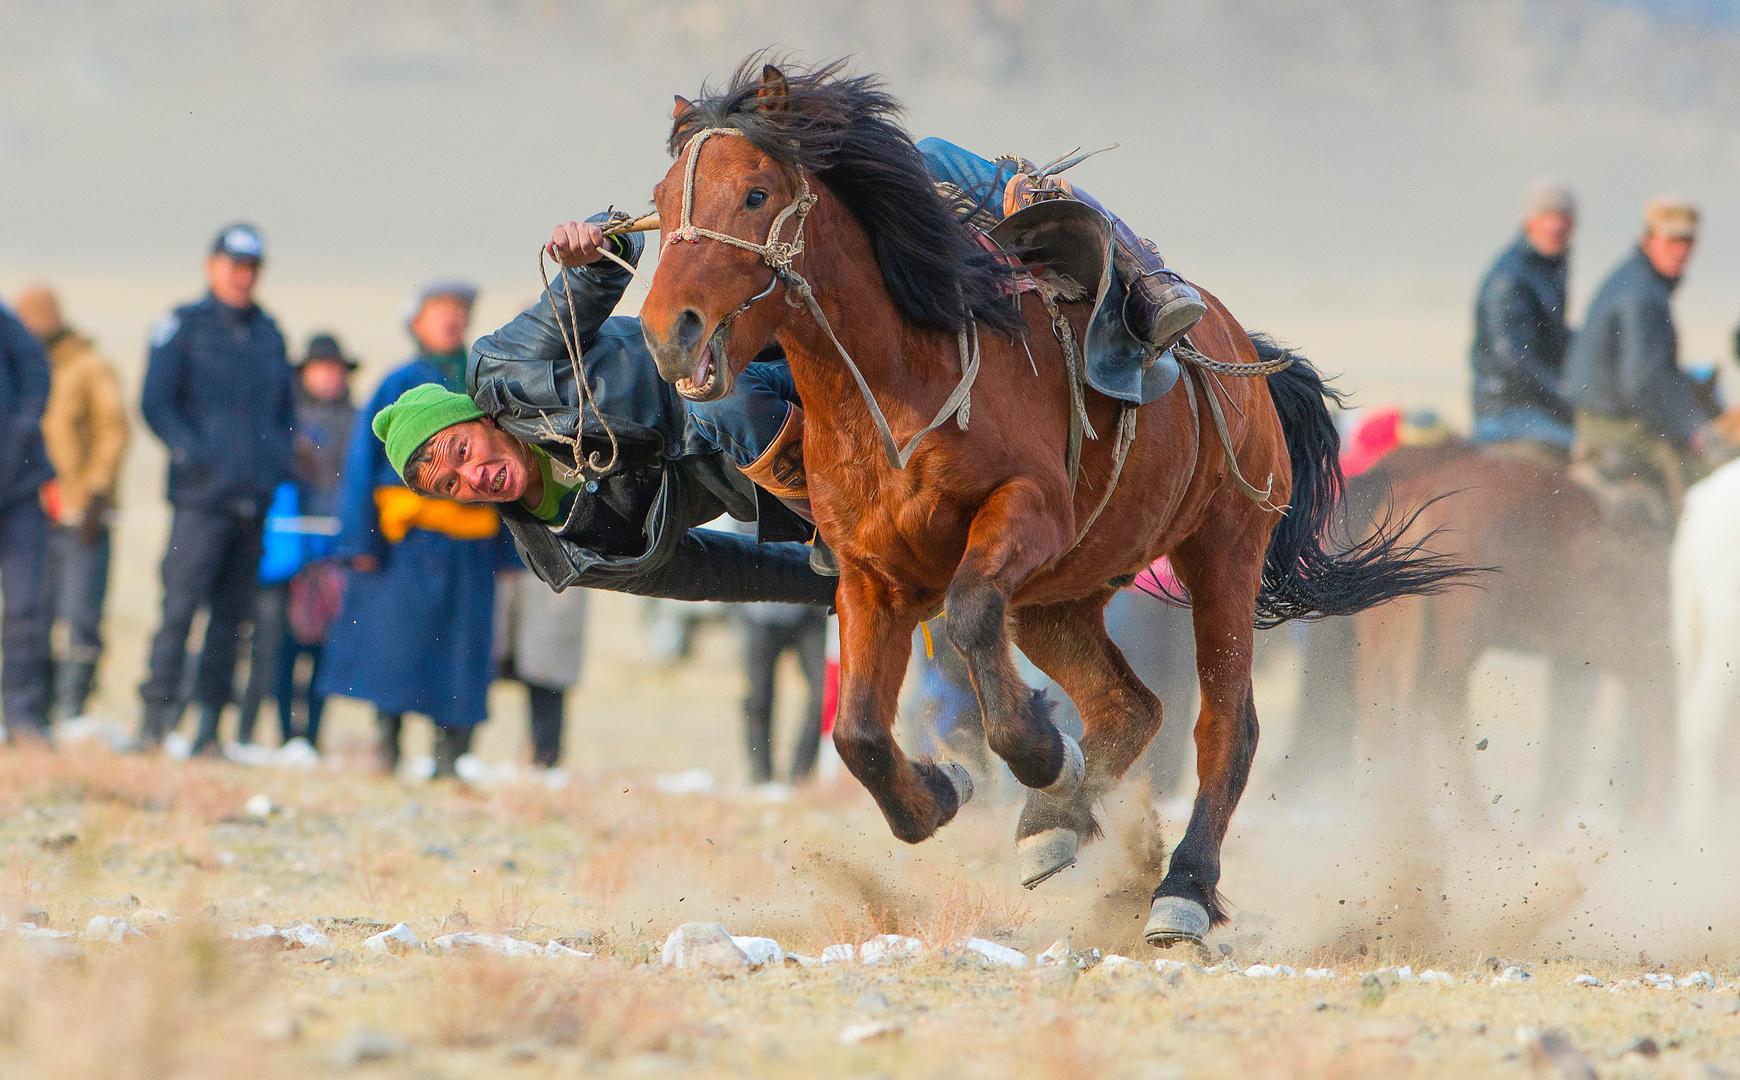 Tenge Ily (kasachisches Reiterspiel)